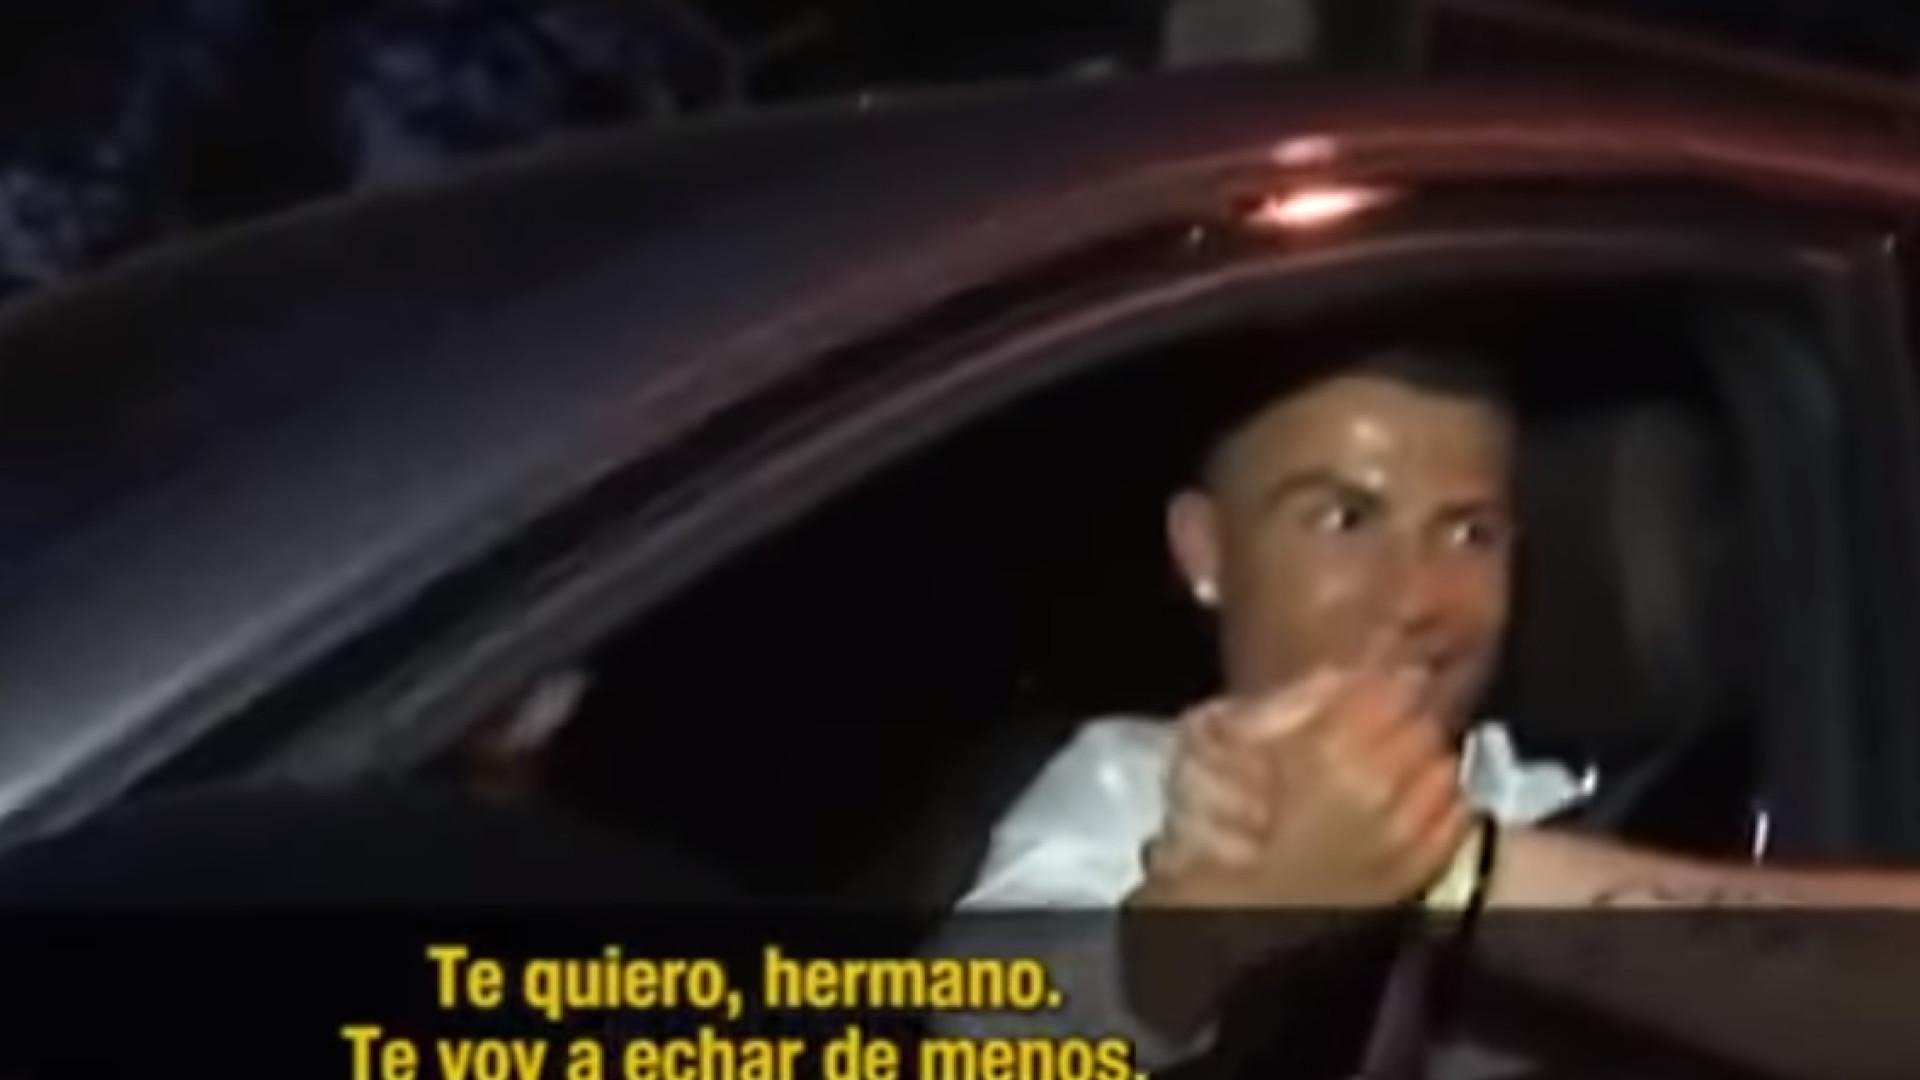 A bonita e emocionante conversa entre CR7 e um adepto do Real Madrid